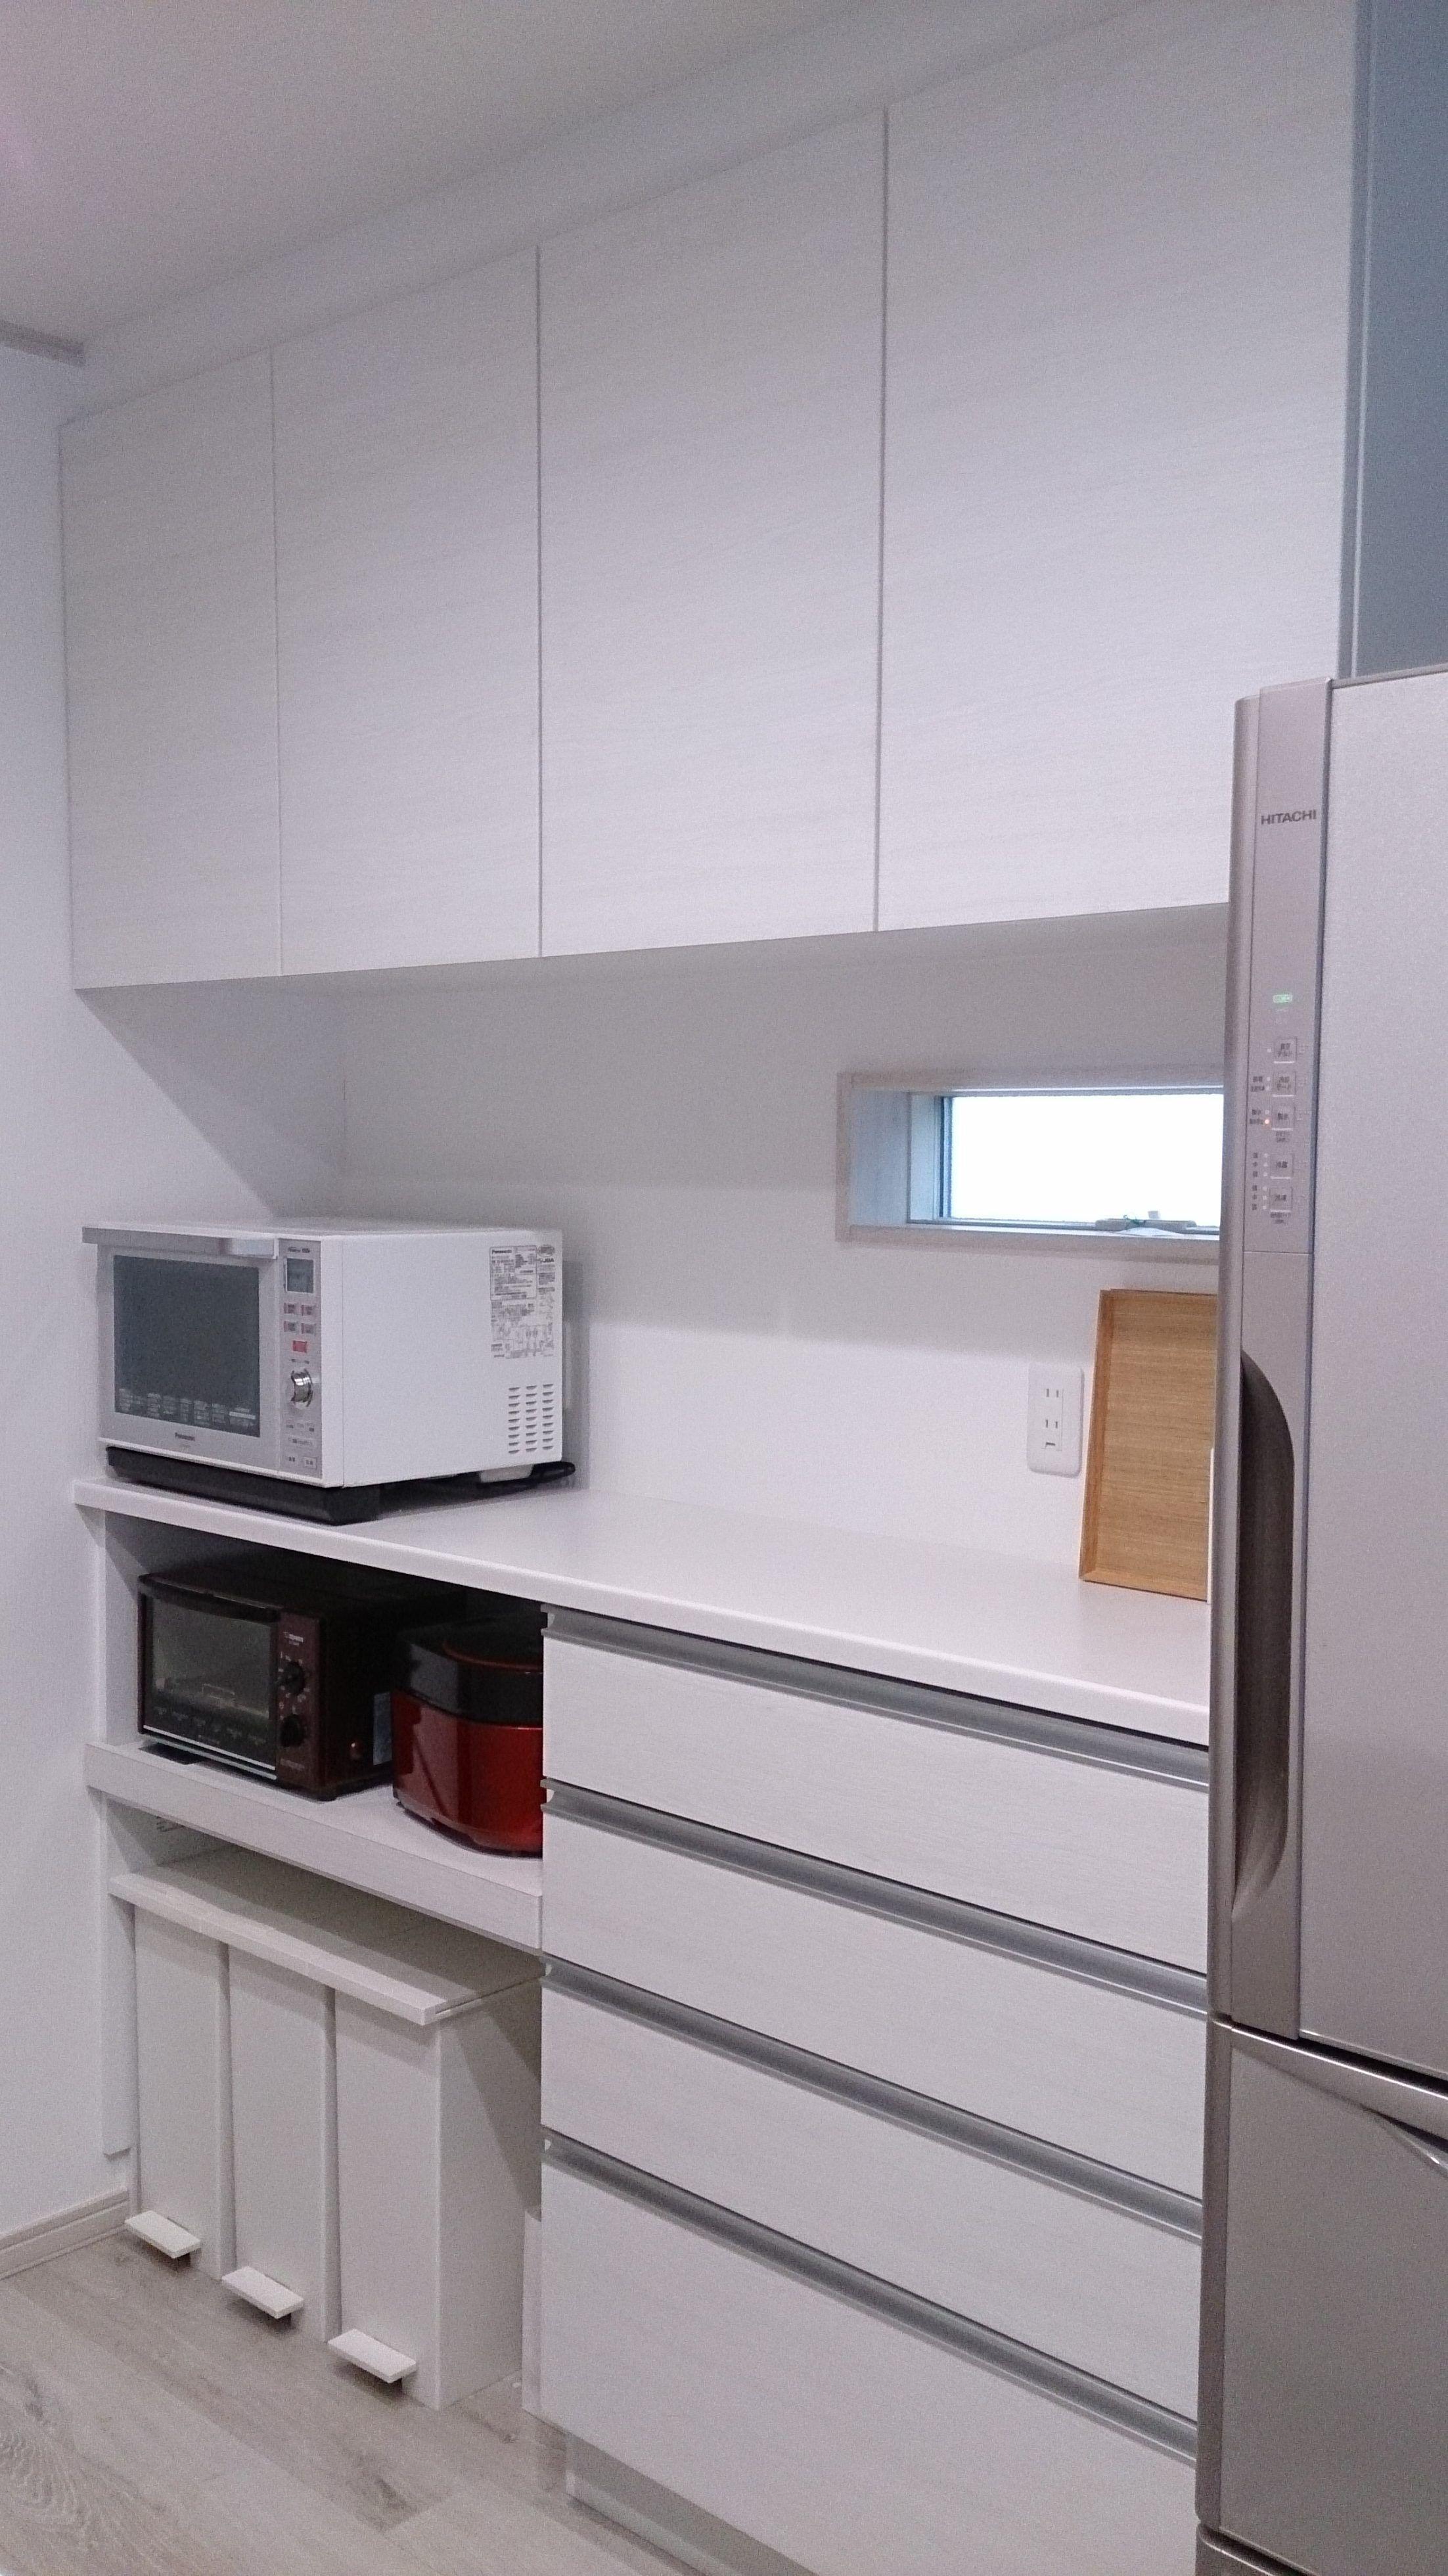 キッチン紹介2 タカラスタンダード Ofelia背面収納 キッチン 収納 タカラスタンダード 食器棚 収納 引き出し タカラ キッチン